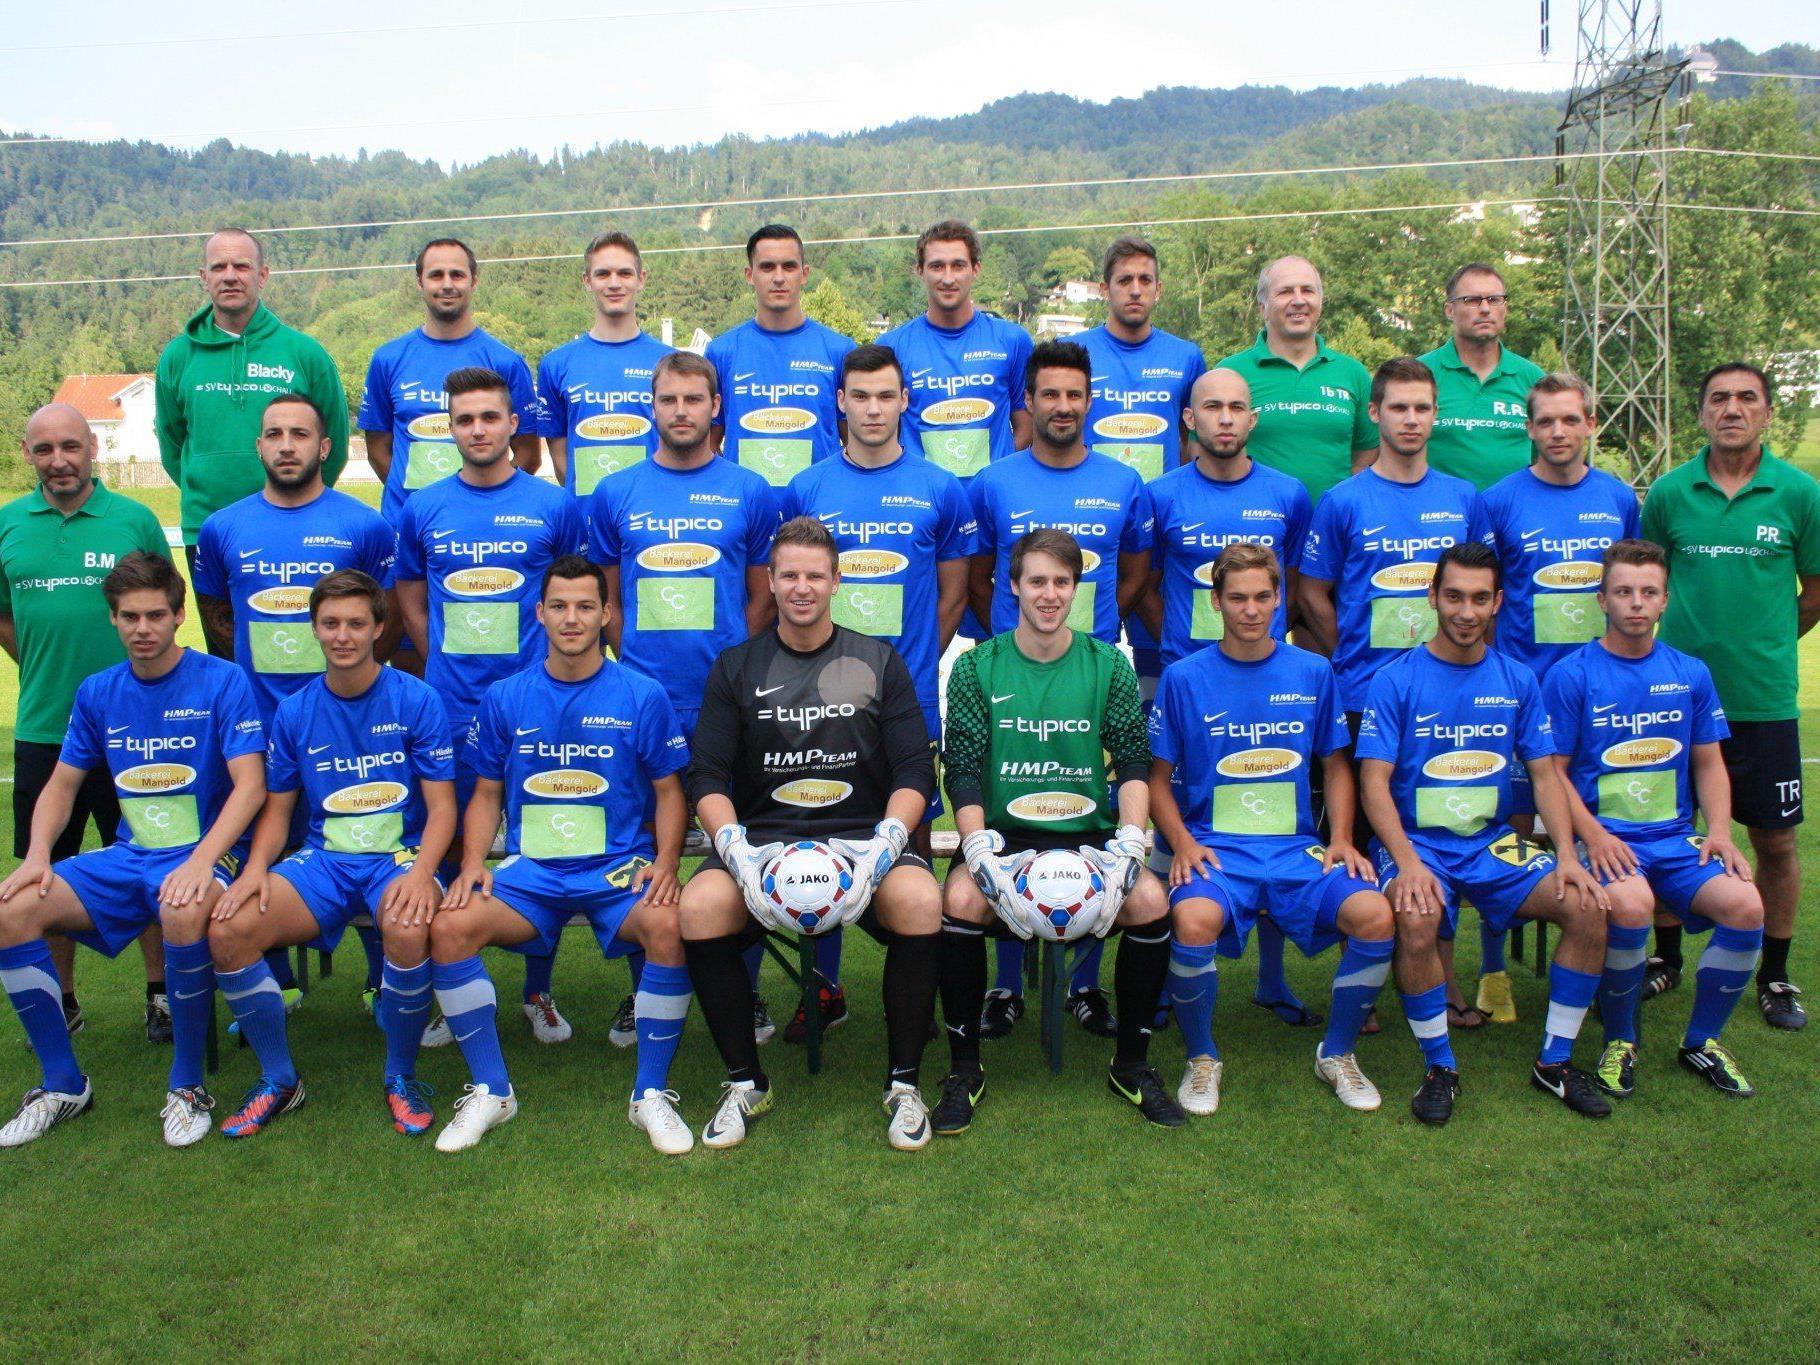 Die Kampfmannschaft des SV Typico Lochau lädt am Samstag auf der Sportanlage Hoferfeld zum ersten Meisterschaftsheimspiel.